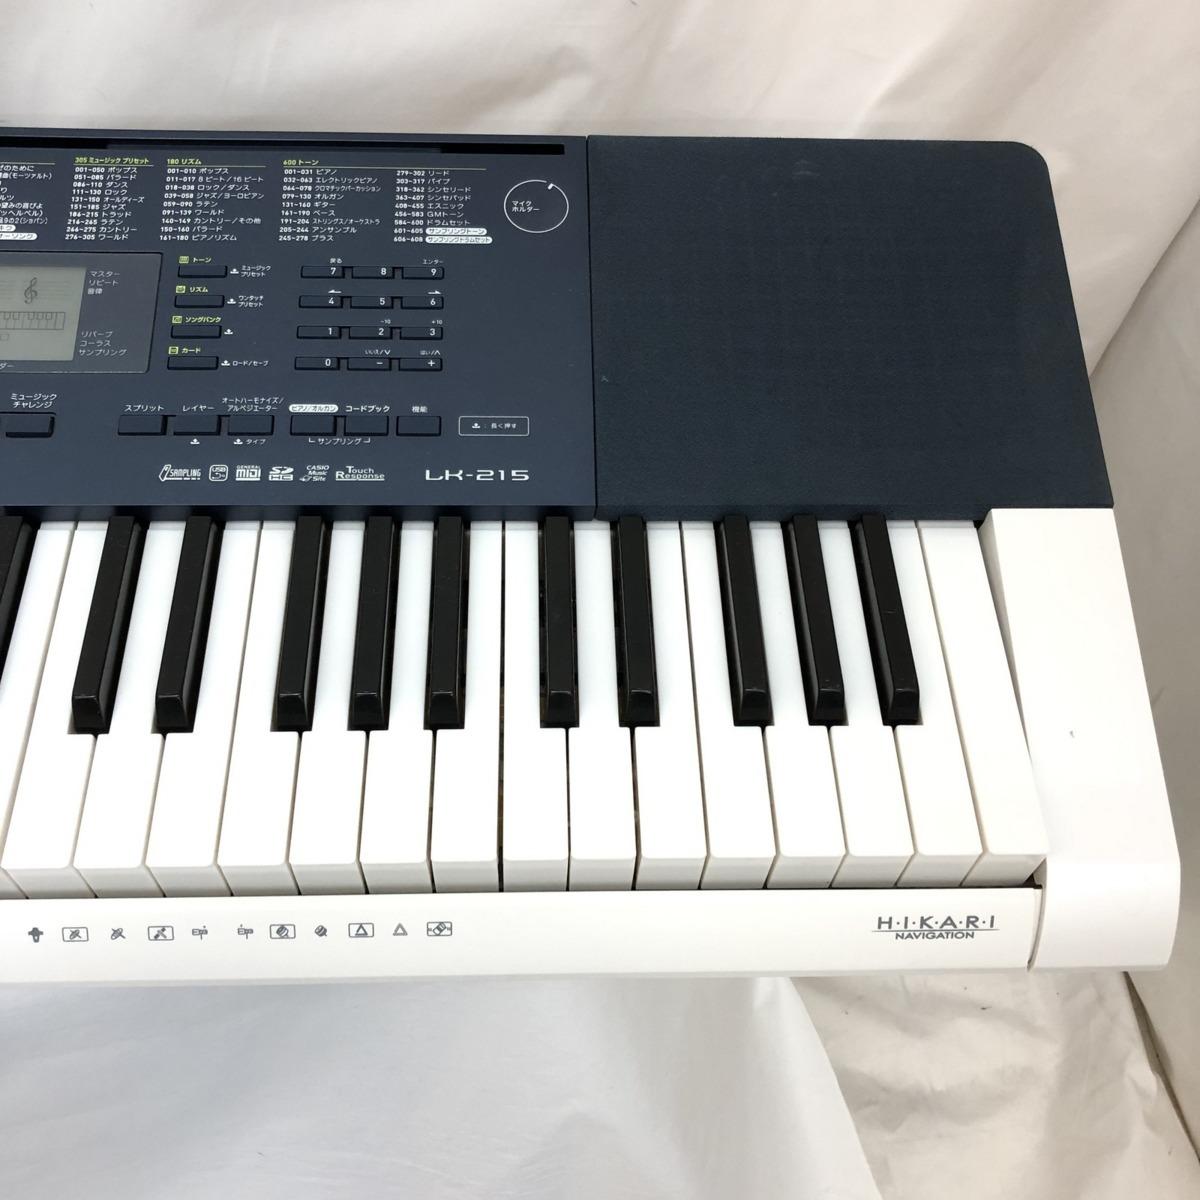 中古 CASIO カシオ 電子キーボード LK-215 光ナビゲーション タッチレスポンス 61鍵盤 ホワイト ネイビー 鍵盤楽器 電子ピアノ H15254_画像5